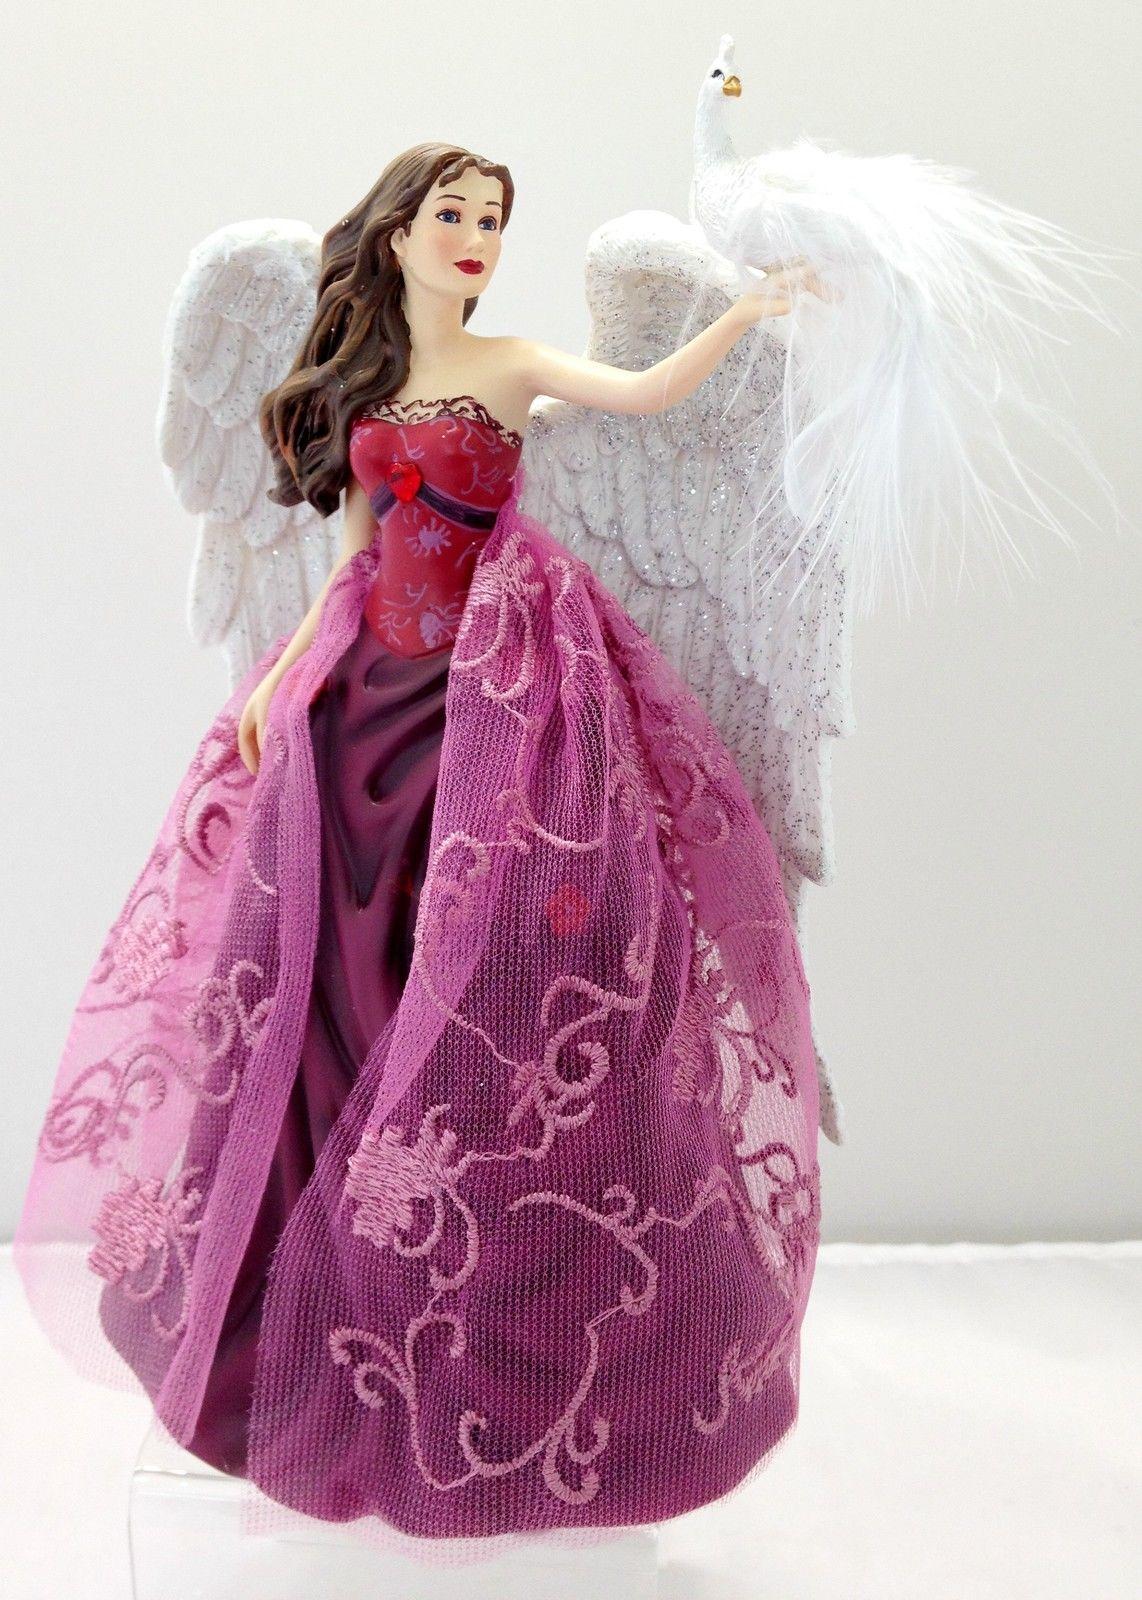 Wings Of Love Nene Thomas Angels Of Virtue Figurine Bradford Exchange Enchanted Treasures Gifts